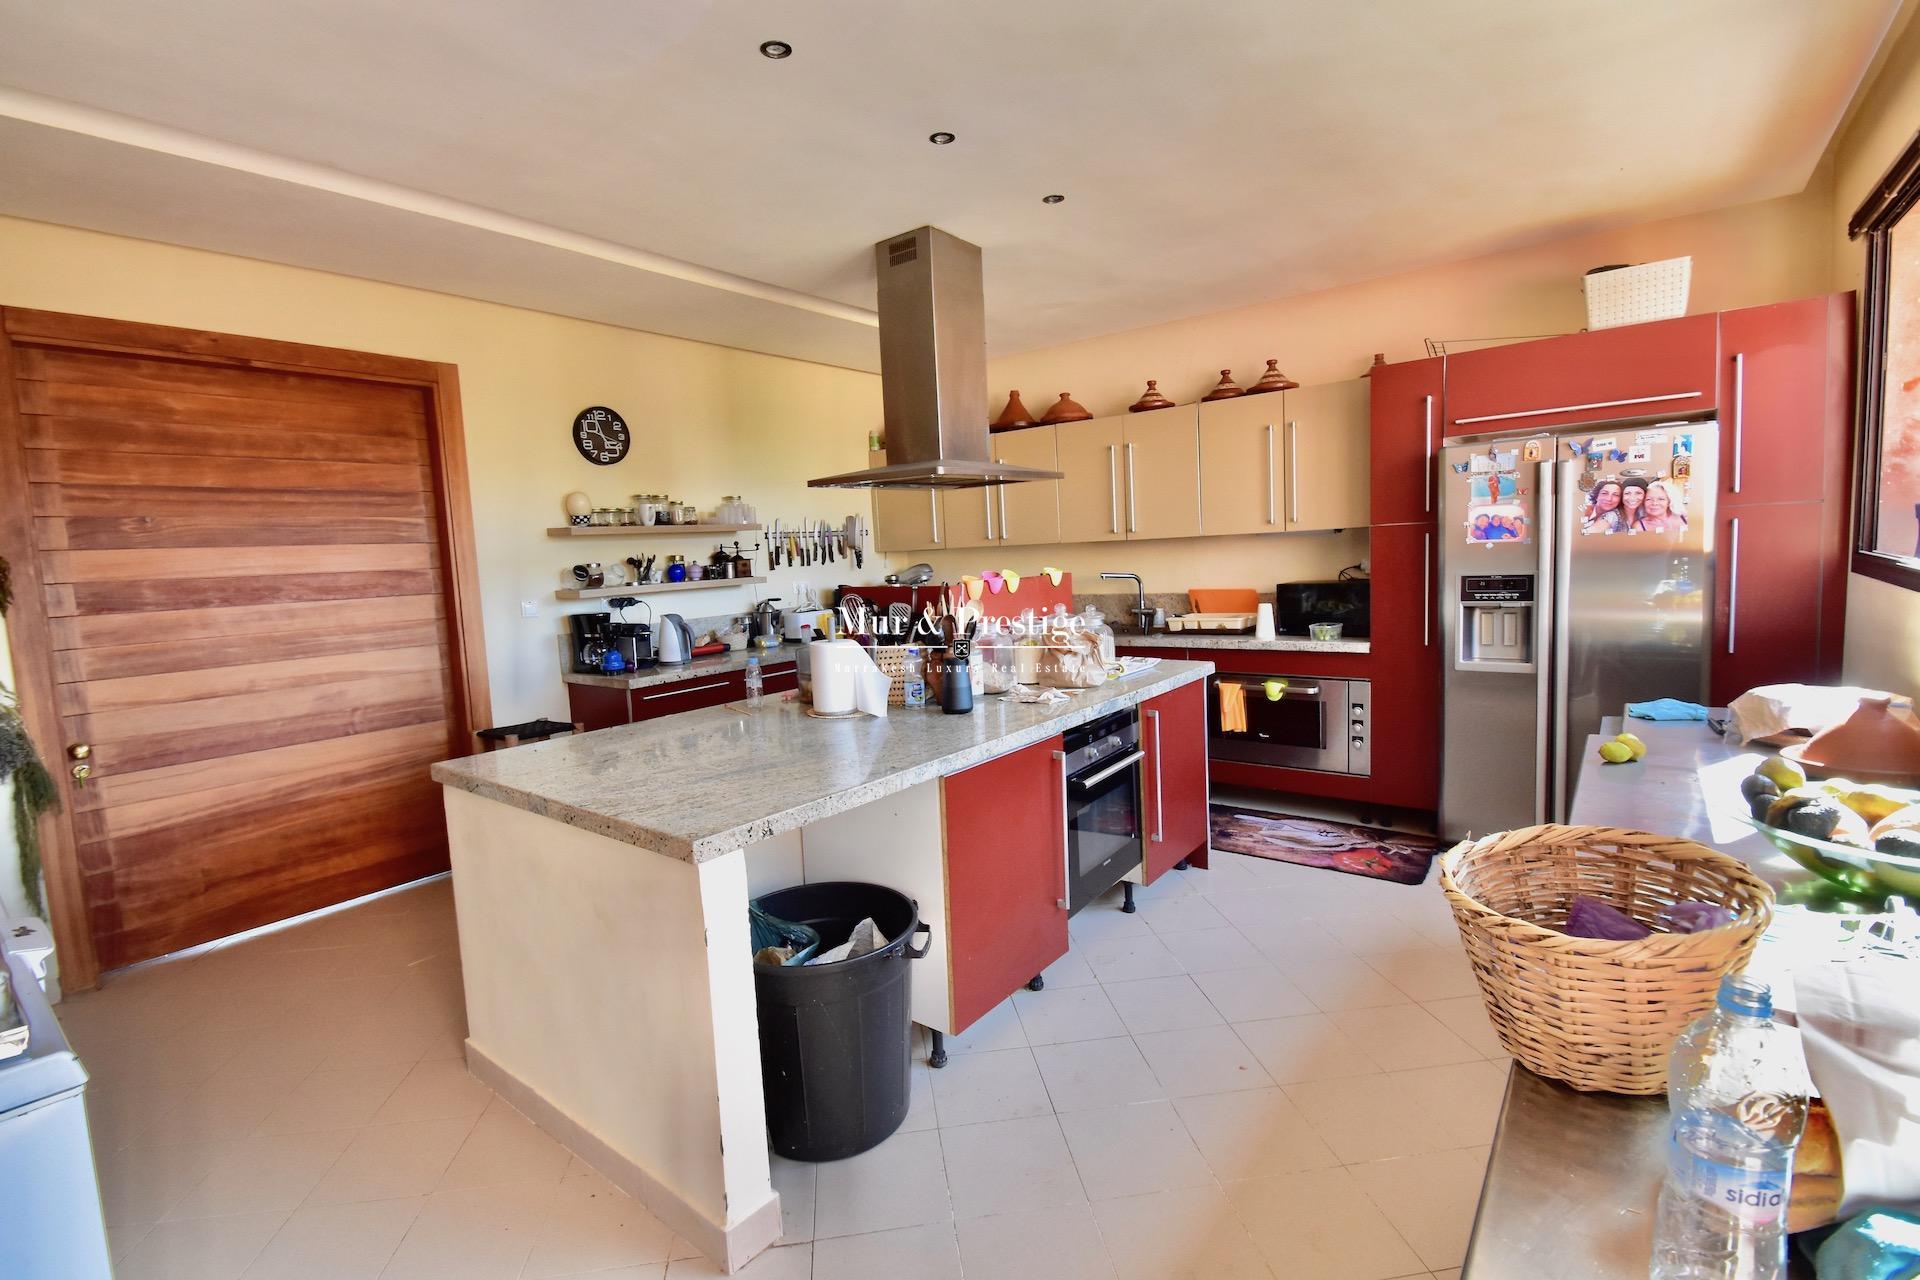 Agence Immobilière Marrakech - Maison d'hôtes en vente